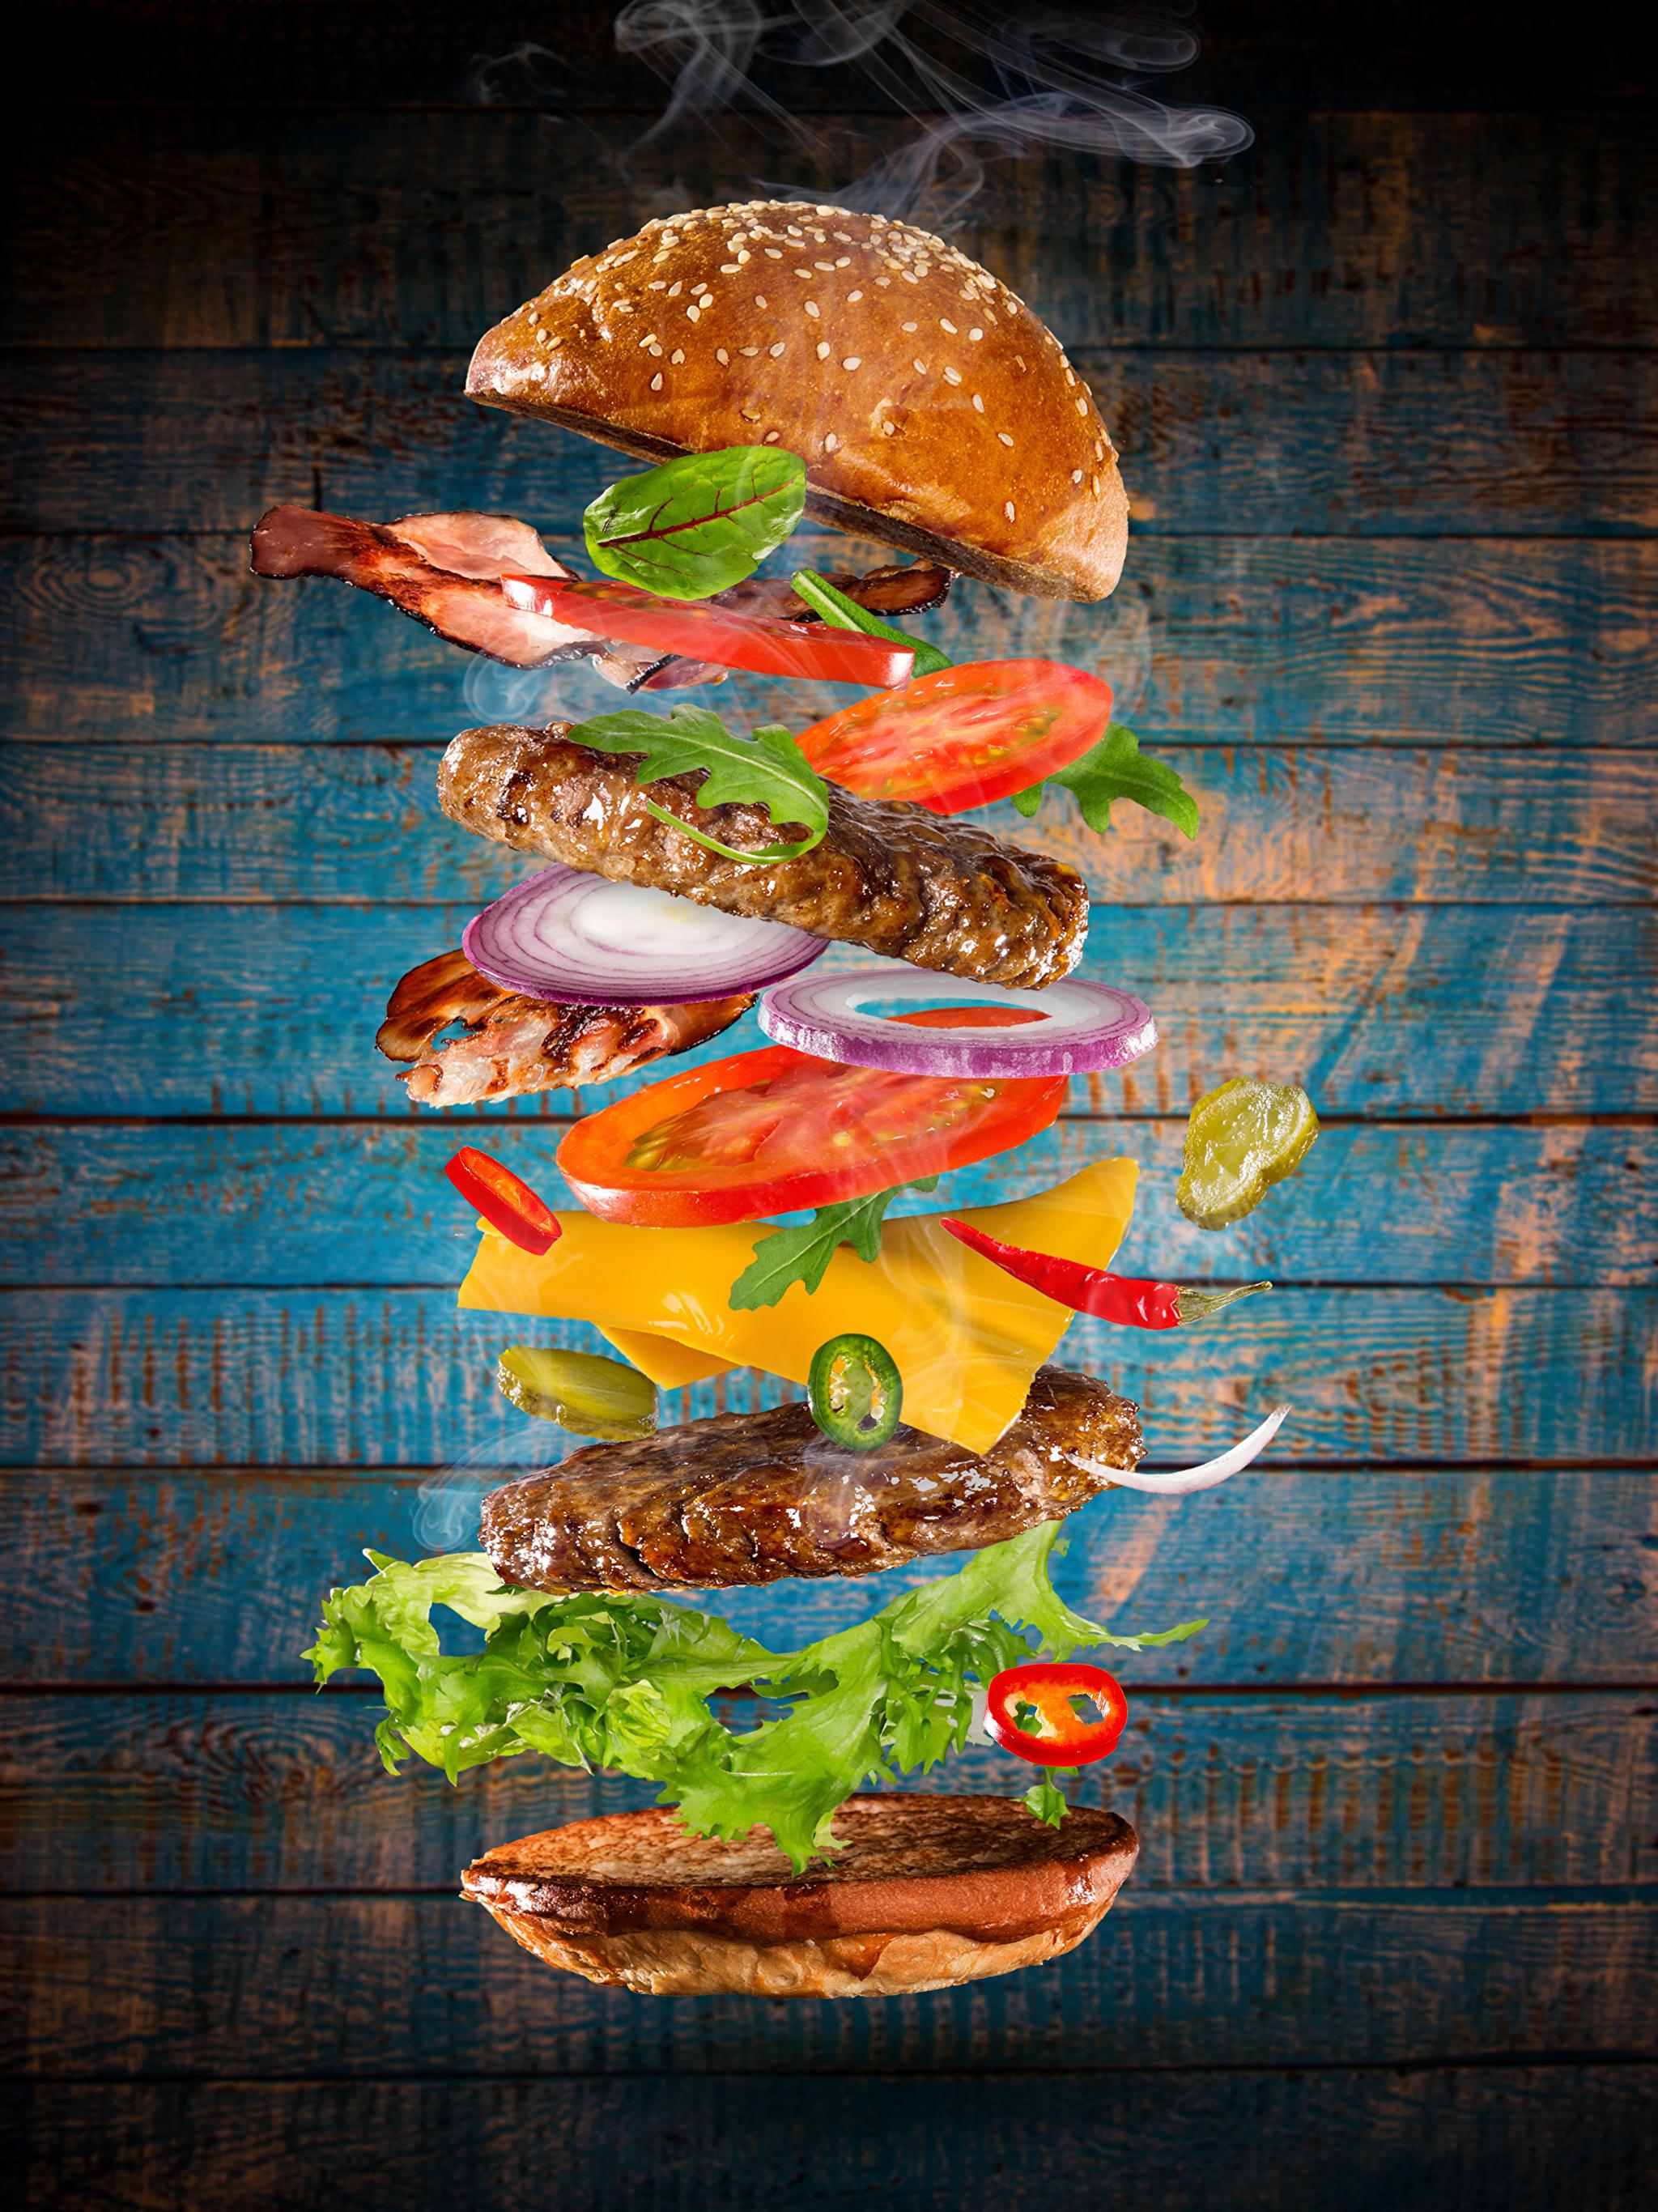 Фото Гамбургер Булочки Быстрое питание Пища Овощи Мясные продукты Доски 2048x2732 Фастфуд Еда Продукты питания